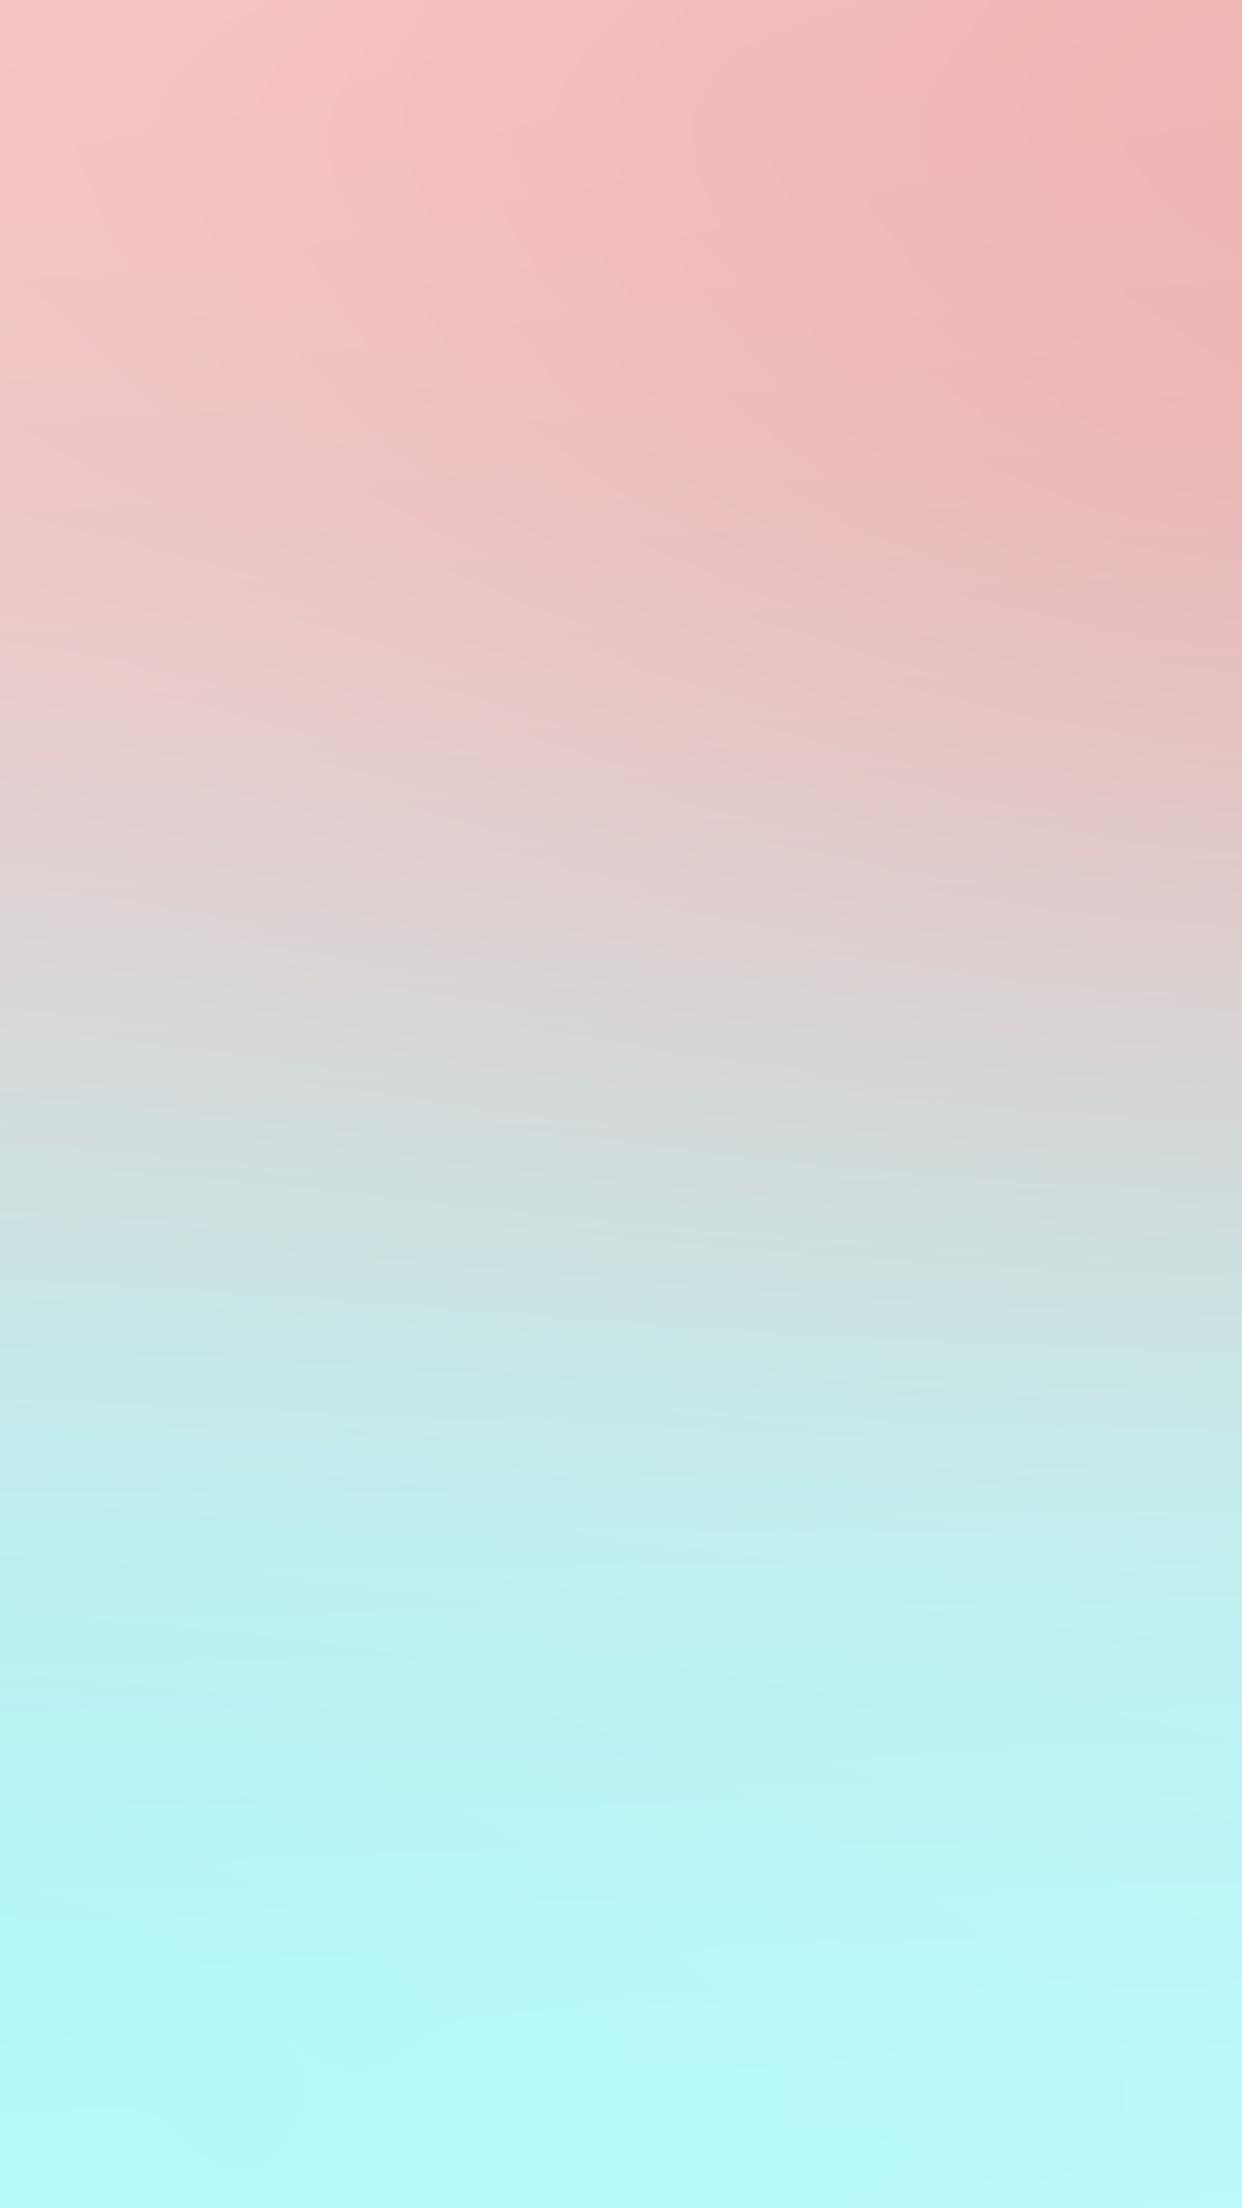 Background Biru Toska : background, toska, Aesthetic, Tosca, Wallpapers, Wallpaper